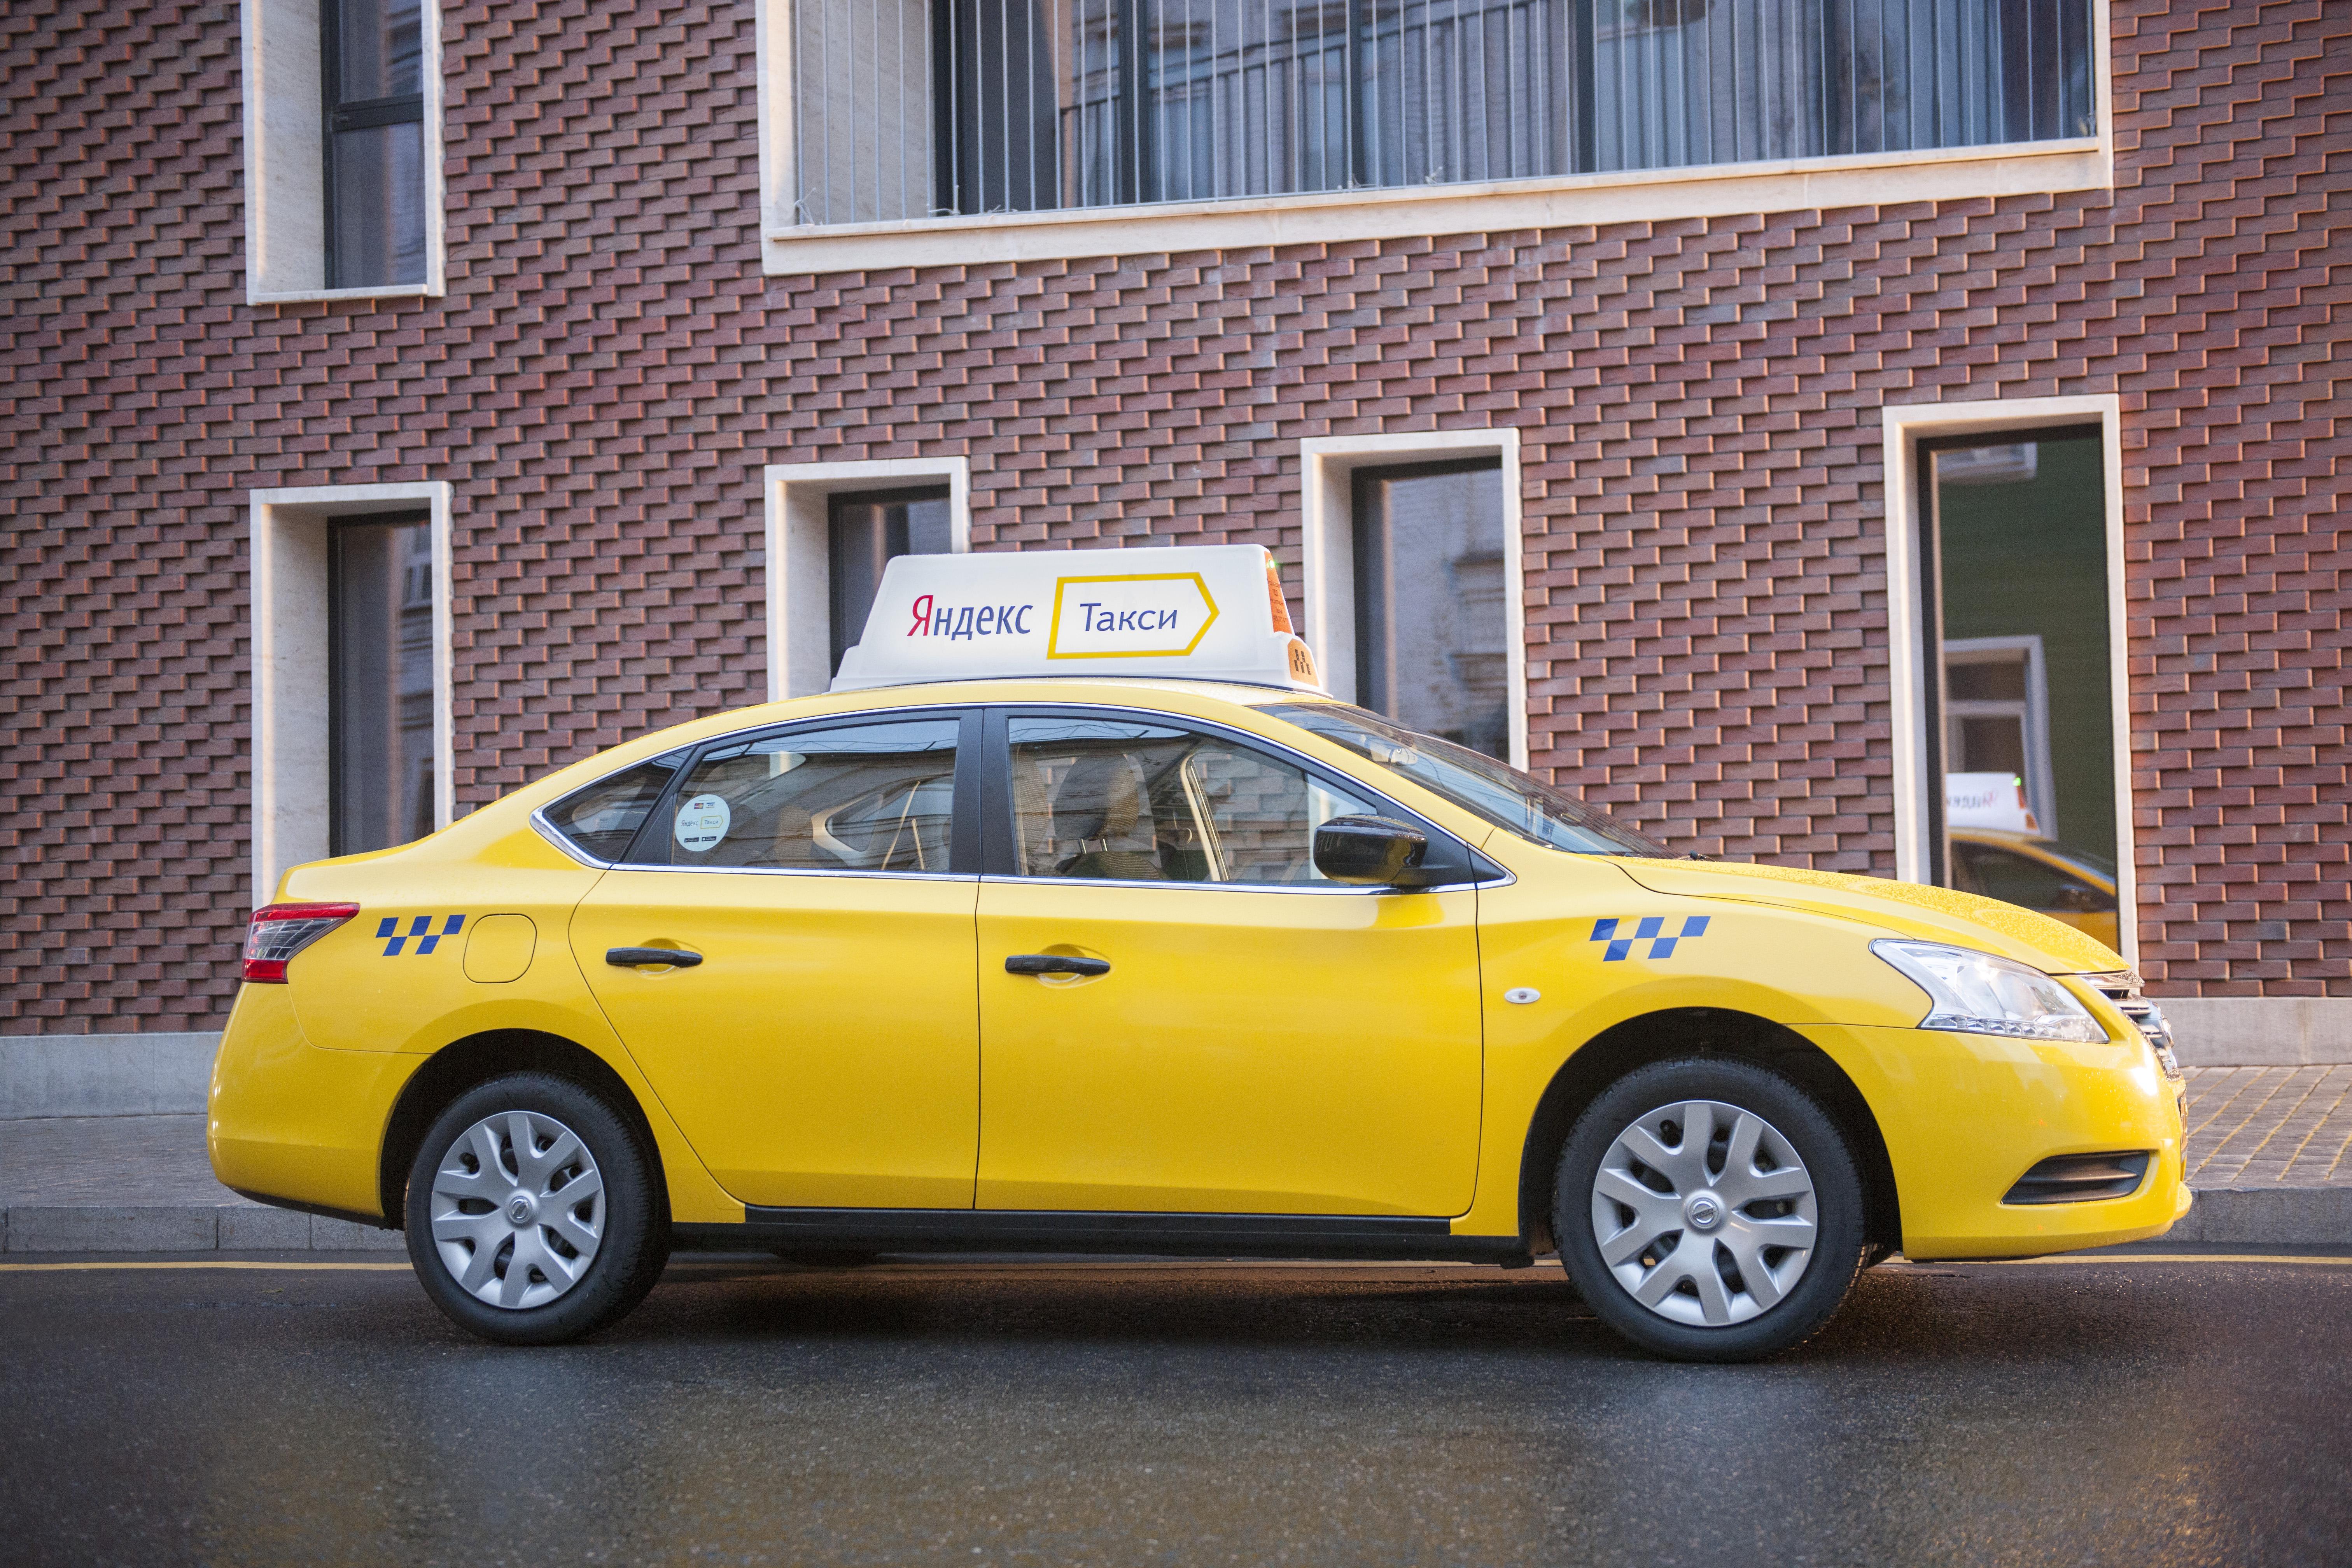 Яндекс запустил корпоративное Такси